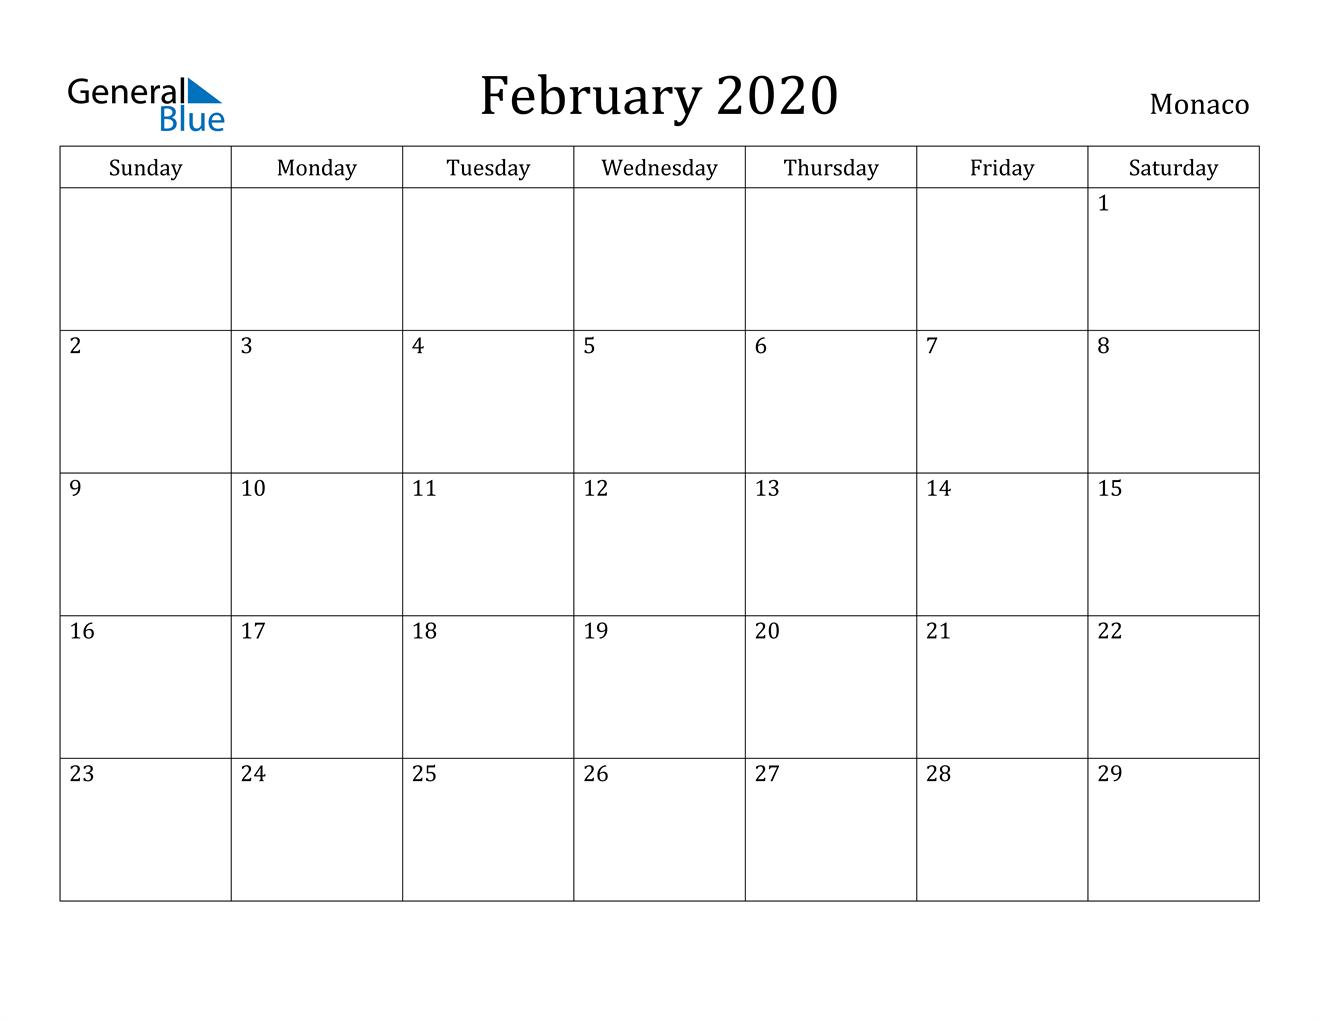 Image of February 2020 Monaco Calendar with Holidays Calendar